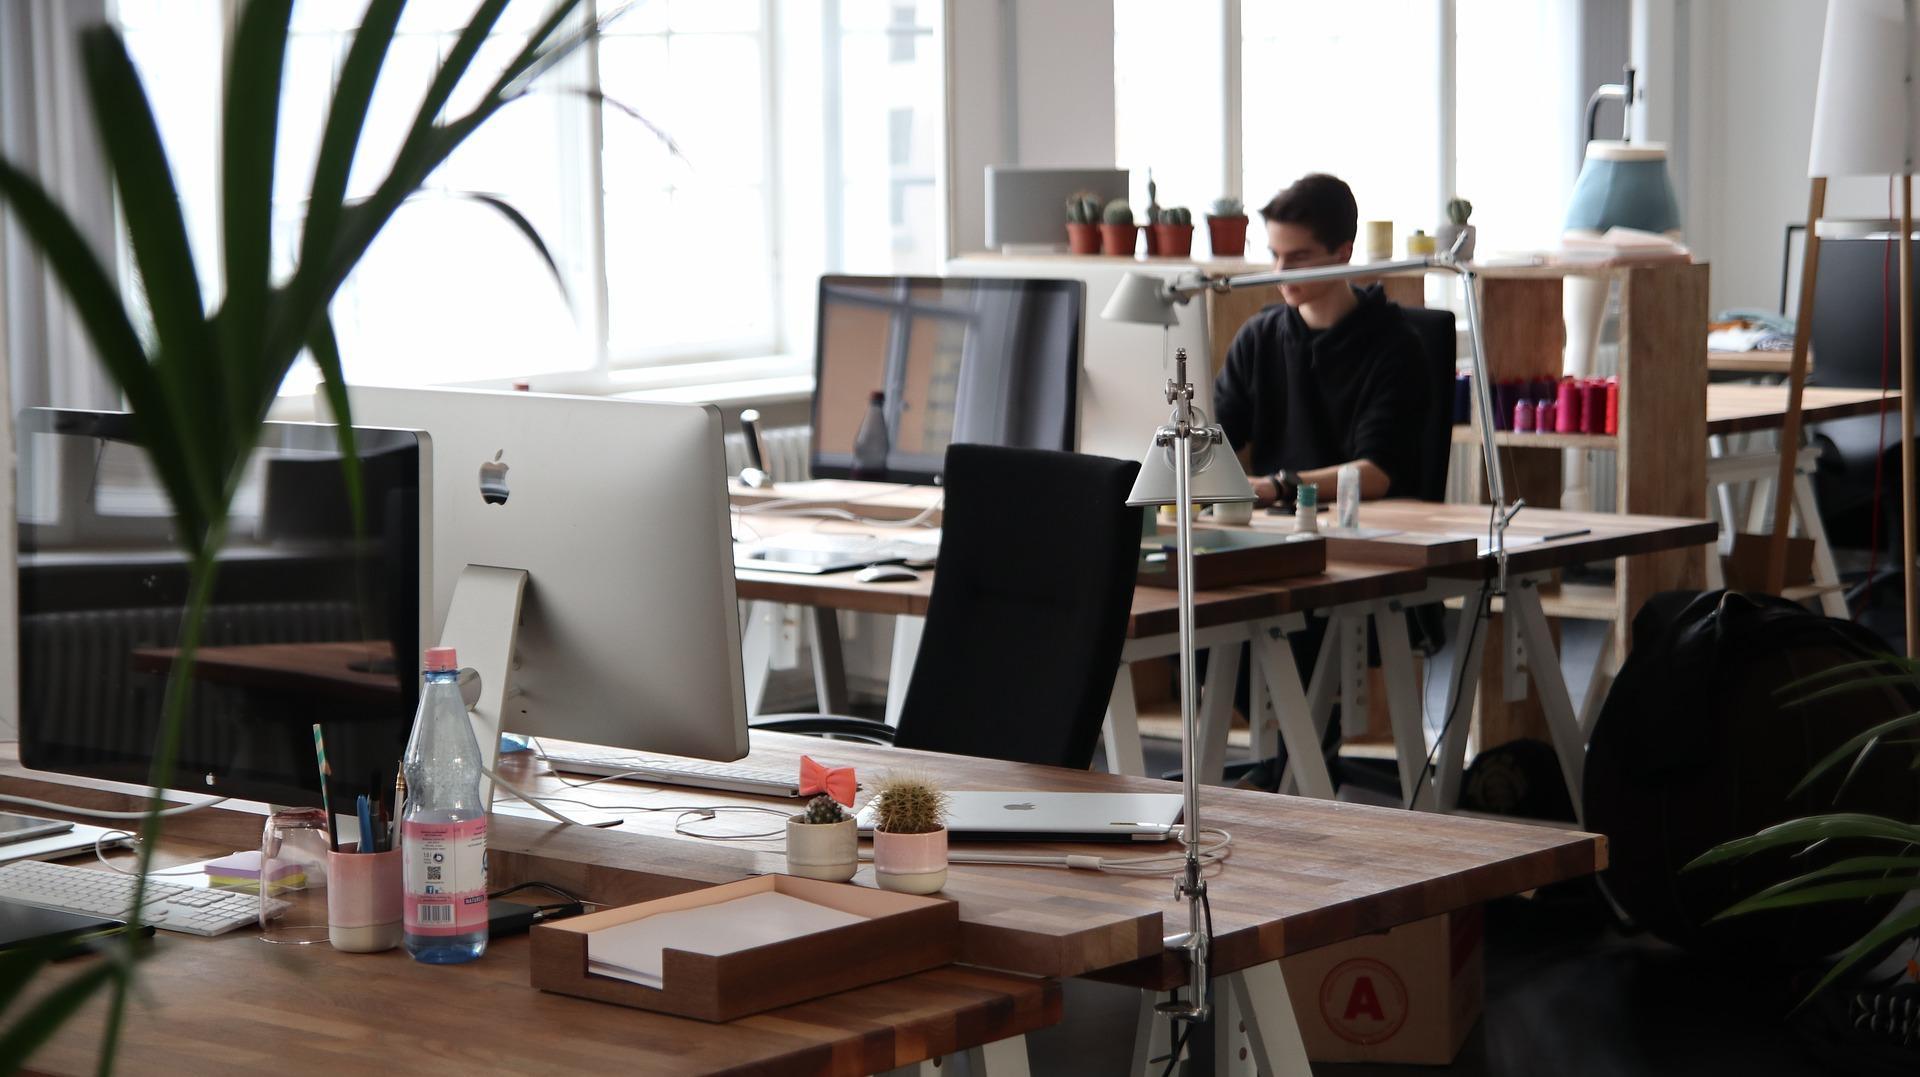 Das auflösend bedingte Arbeitsverhältnis - und die Klagefrist